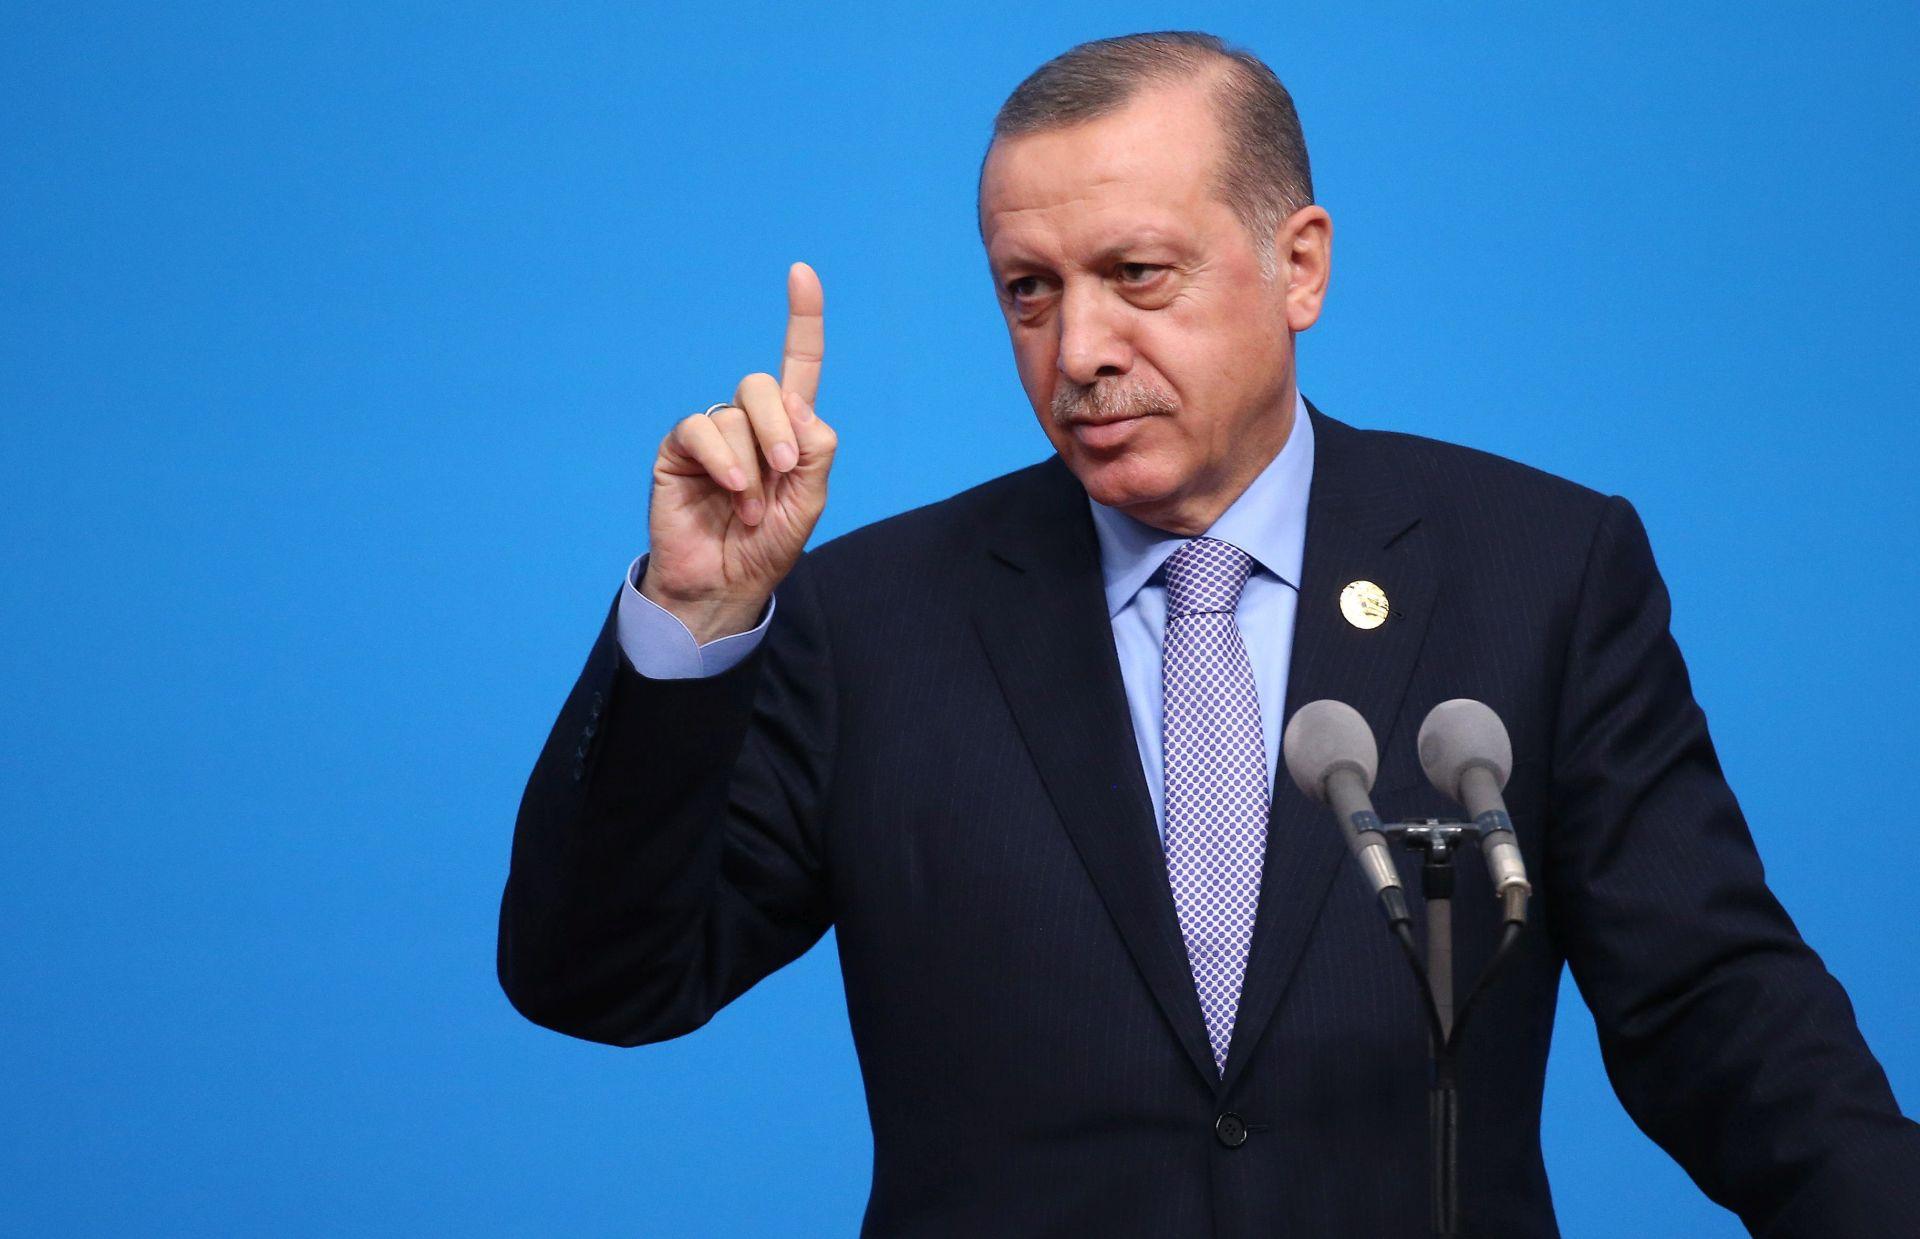 GRČKA UPOZORAVA: Turska ugrožava međusobne odnose dviju zemalja